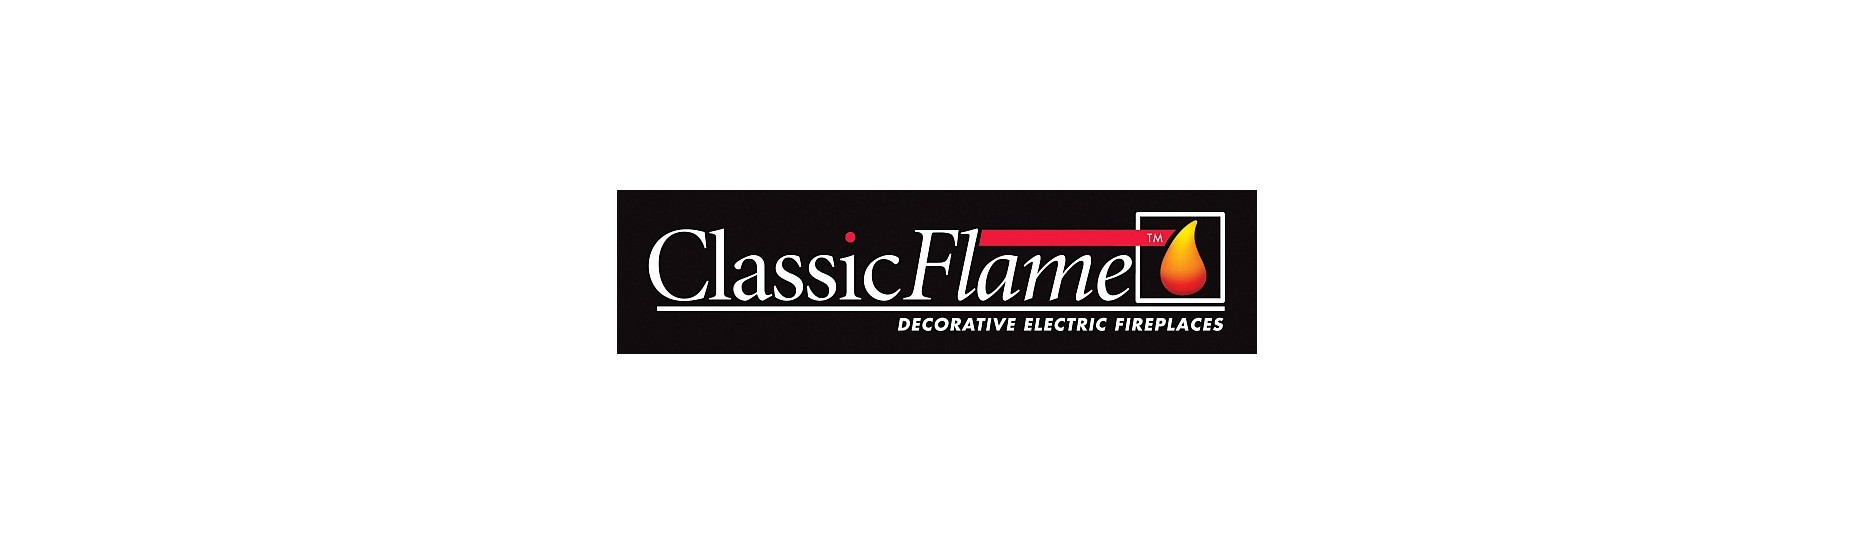 Classic Flame elektrické krby